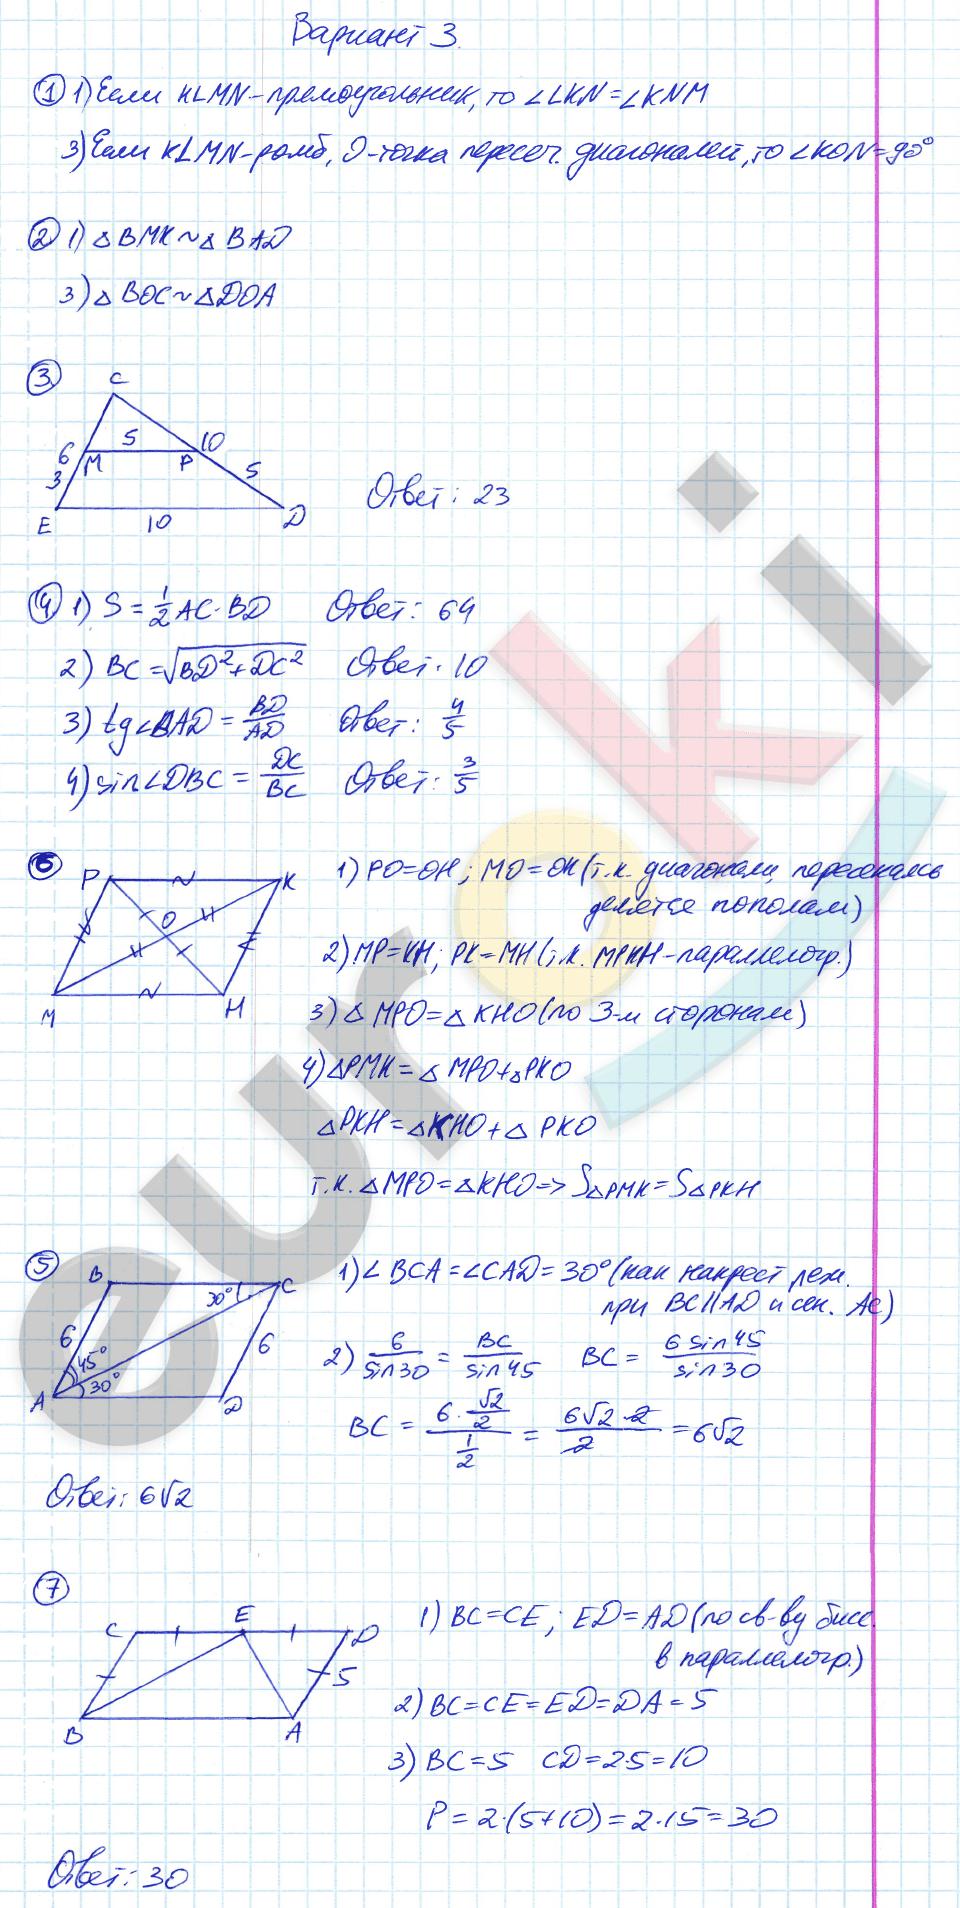 ГДЗ по геометрии 9 класс контрольные работы Мельникова КР-7. Итоговая за 7-9 классы. Задание: Вариант 3